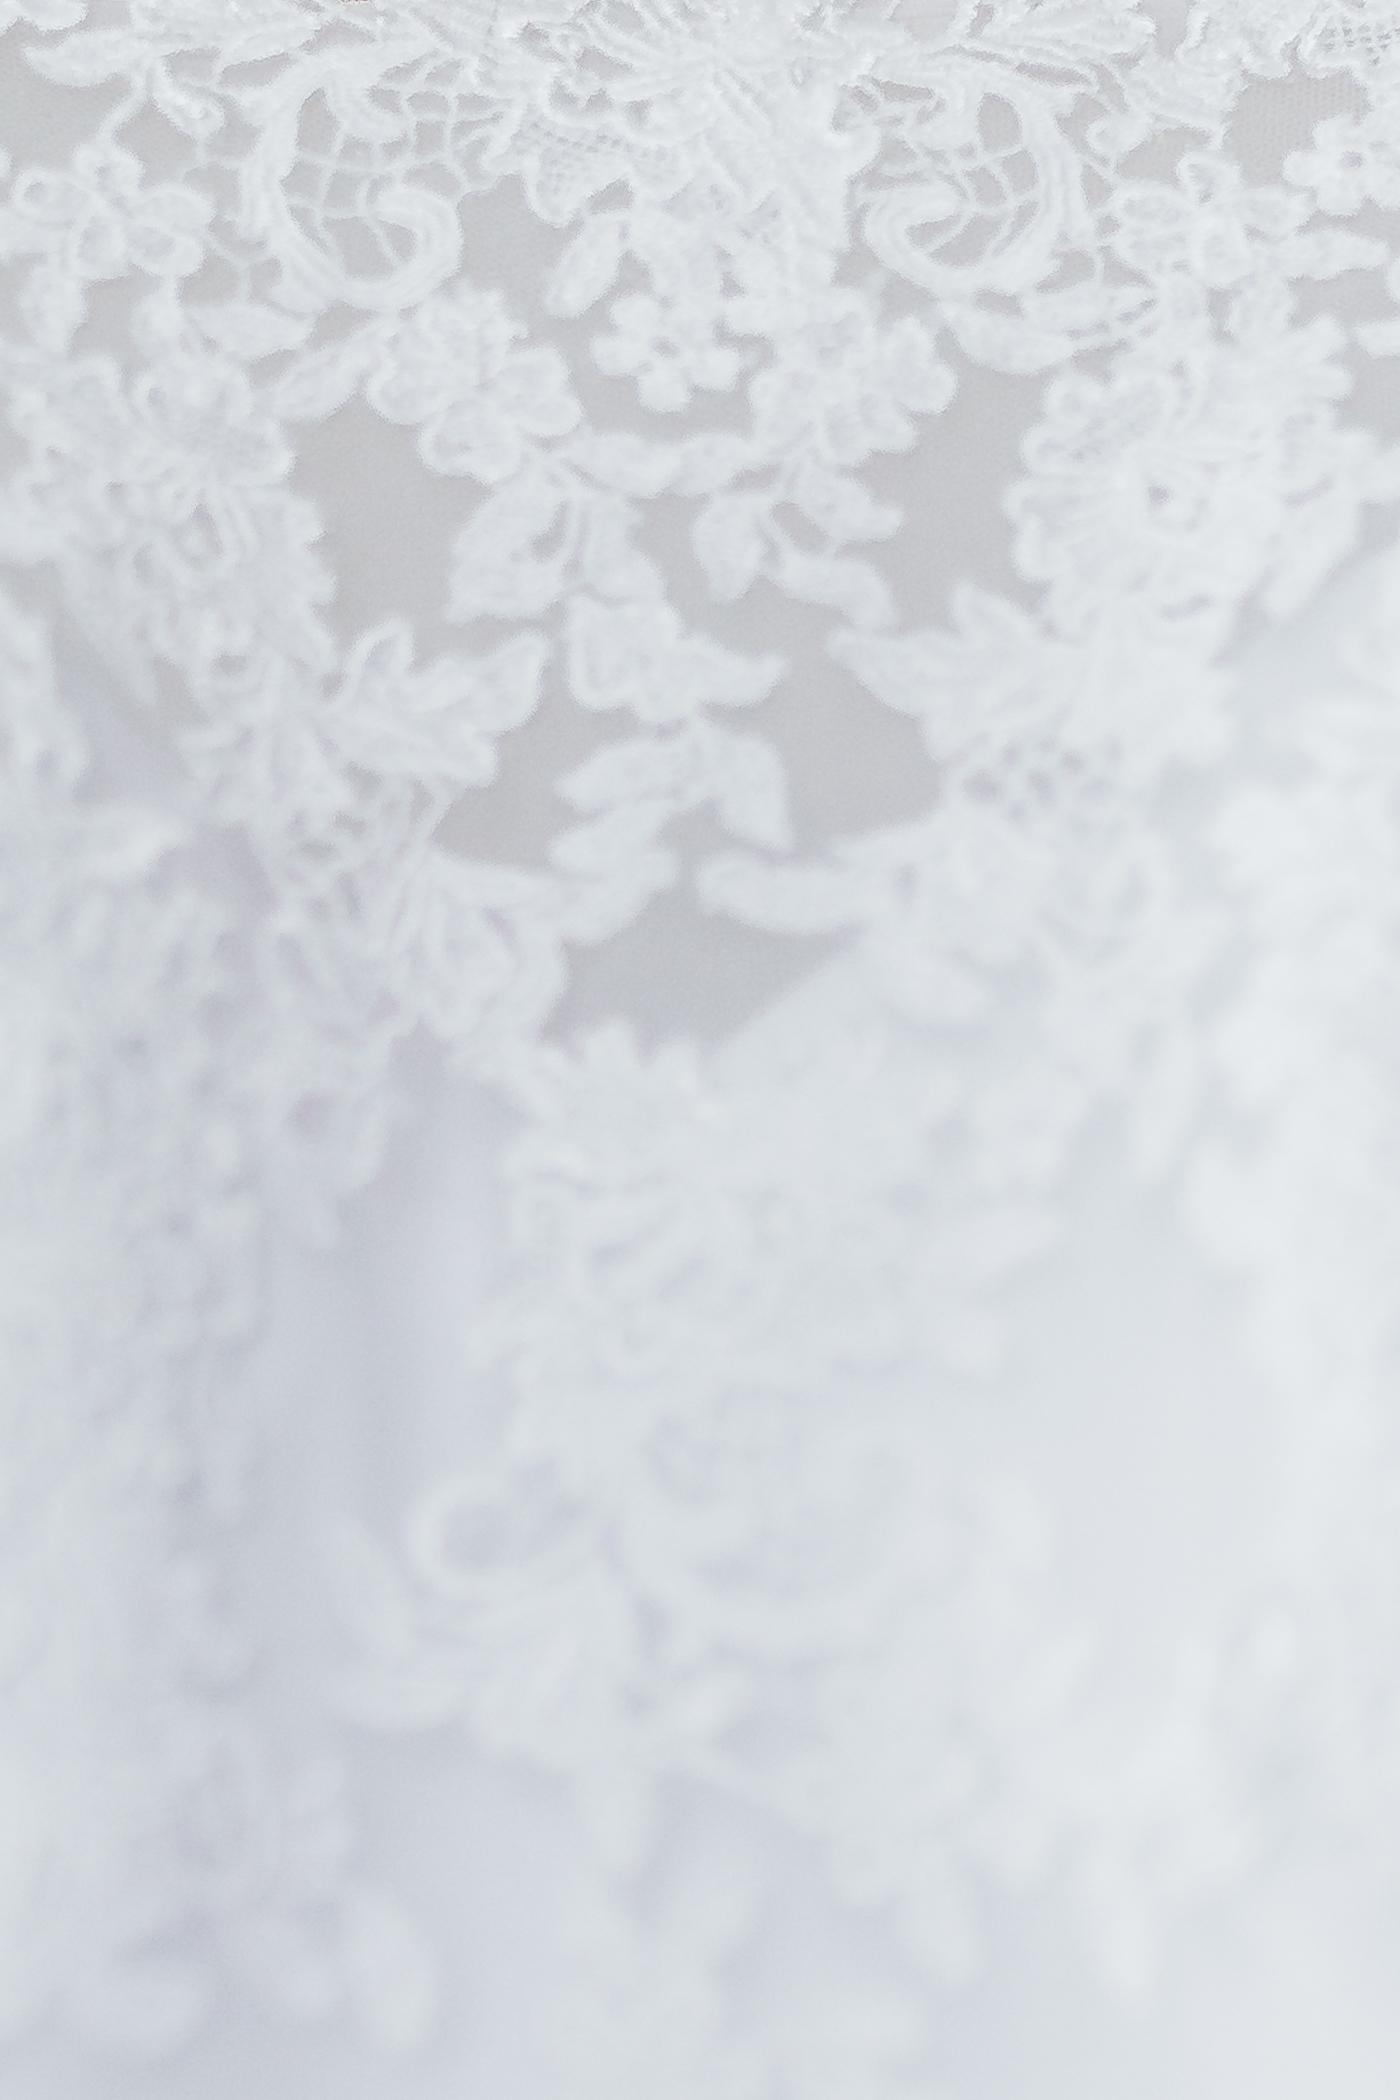 Lace details of wedding dress Maryland wedding